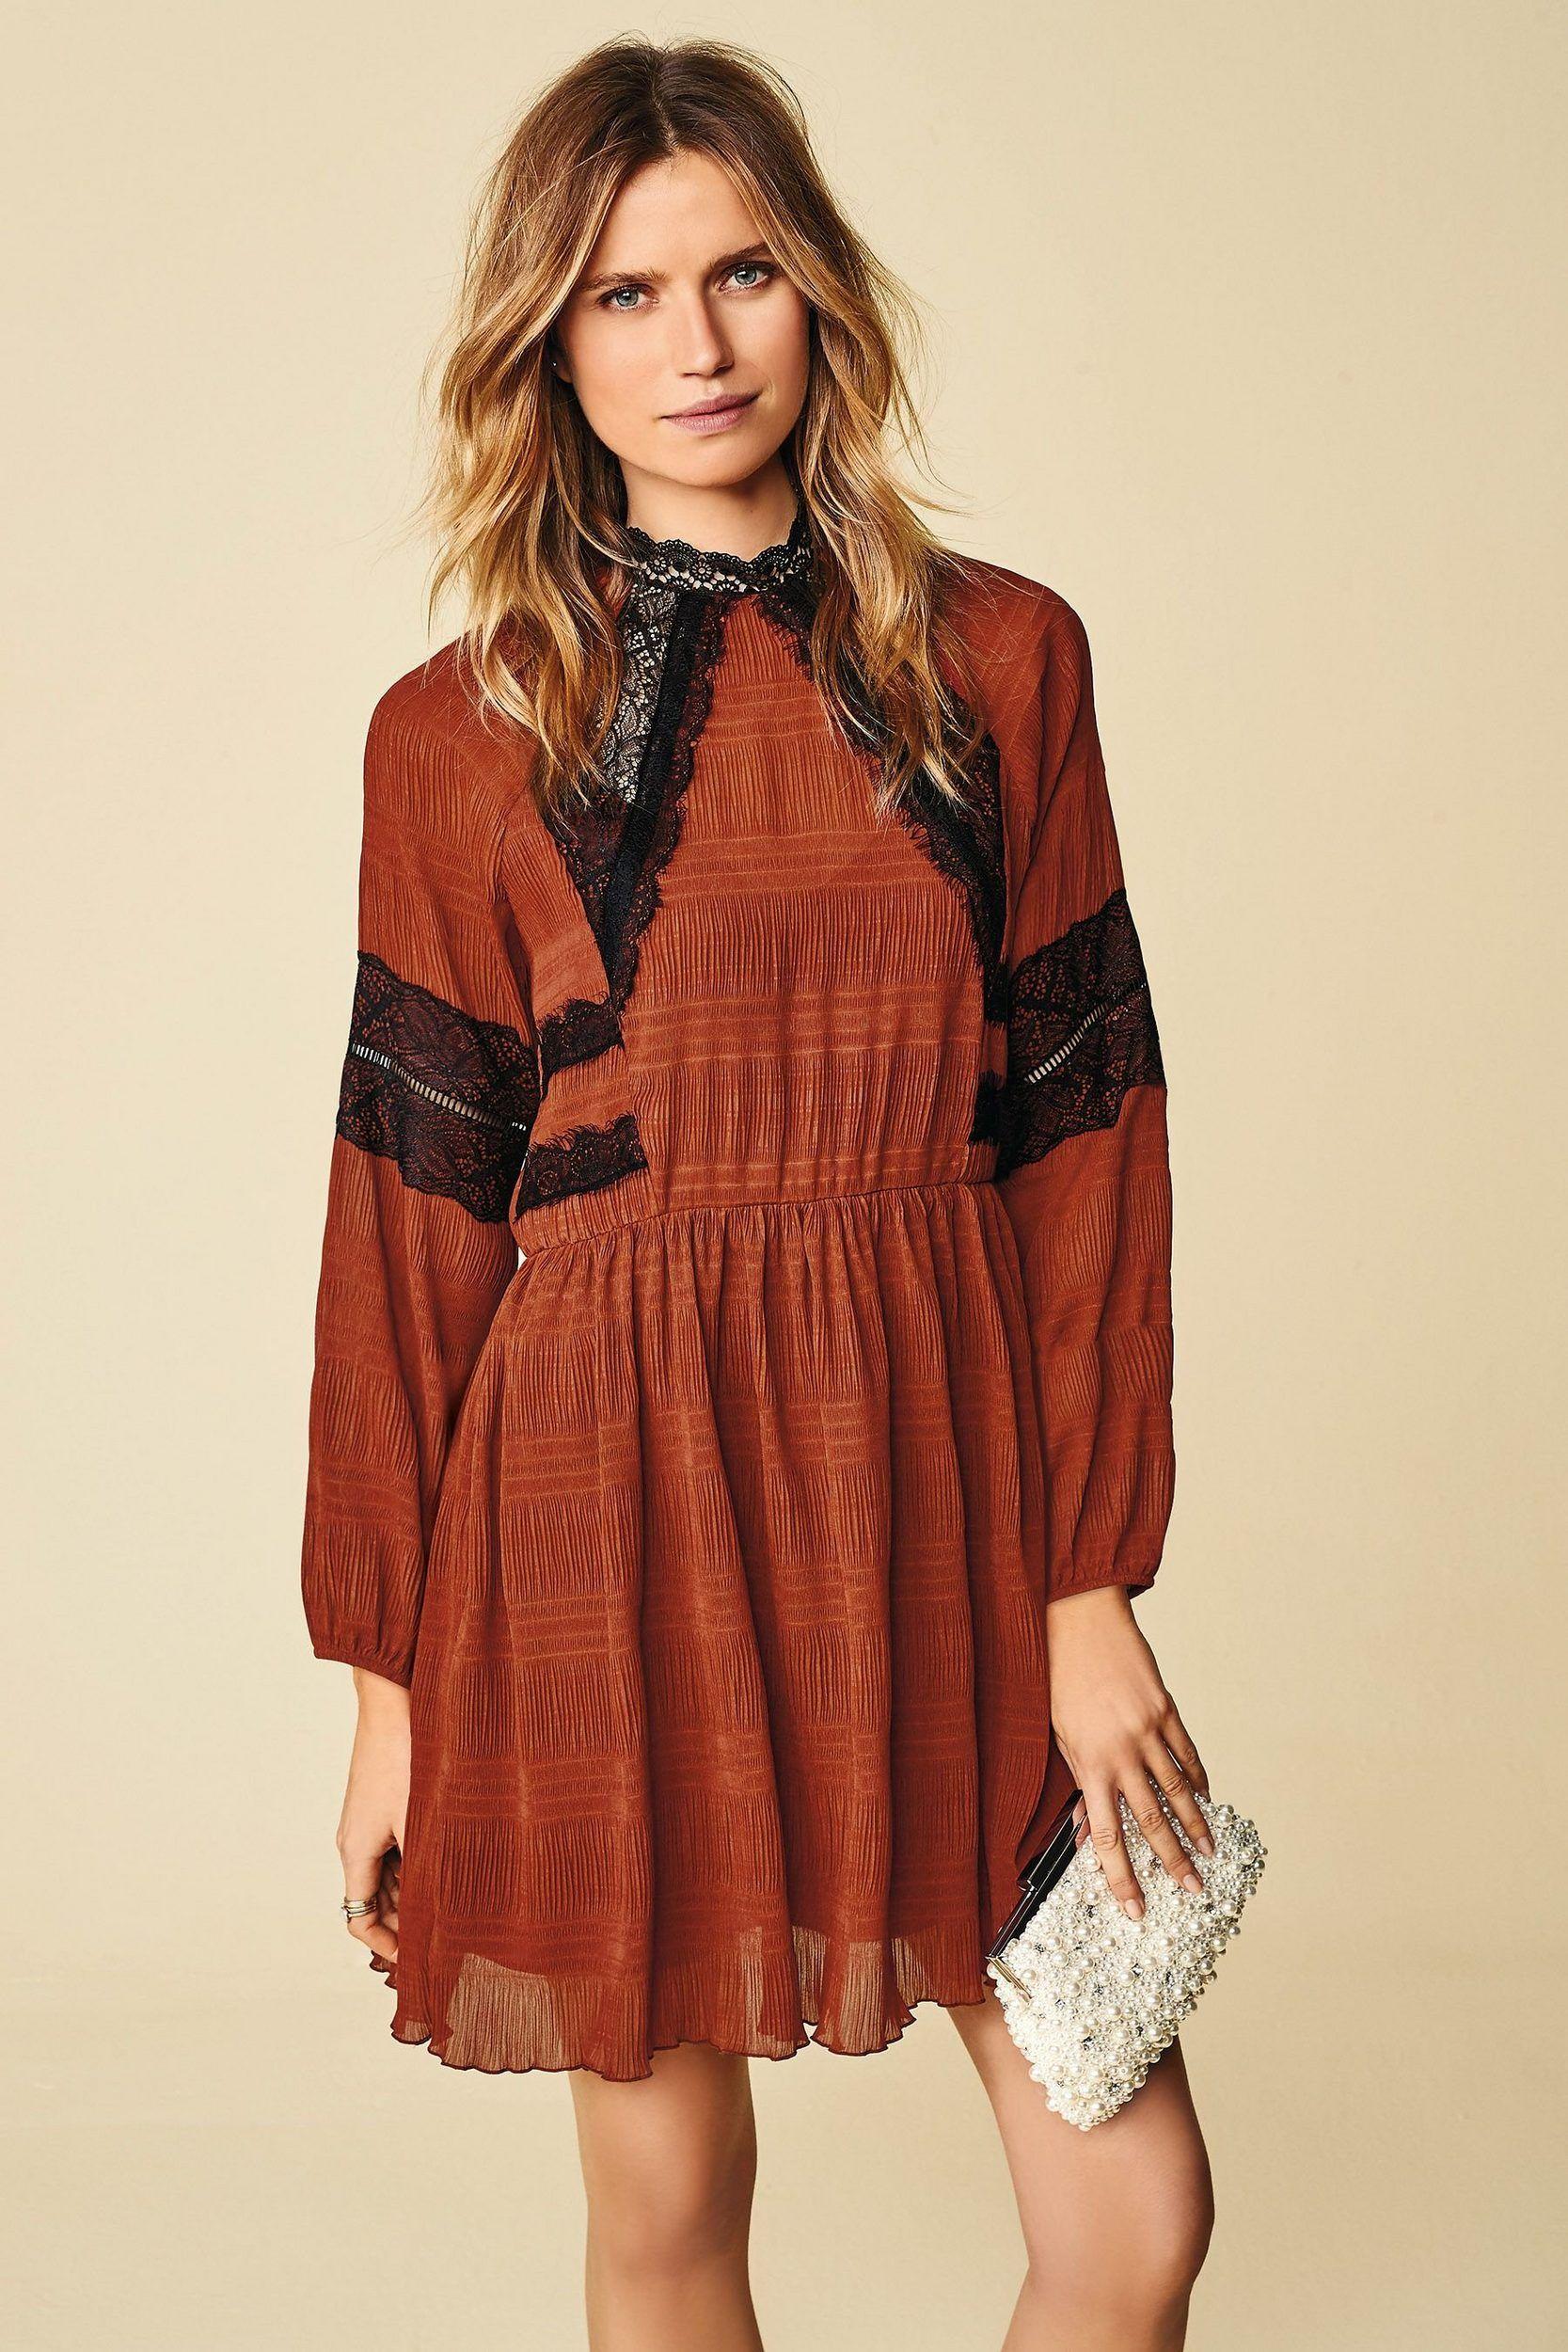 Next Vintage-Kleid für besondere Anlässe